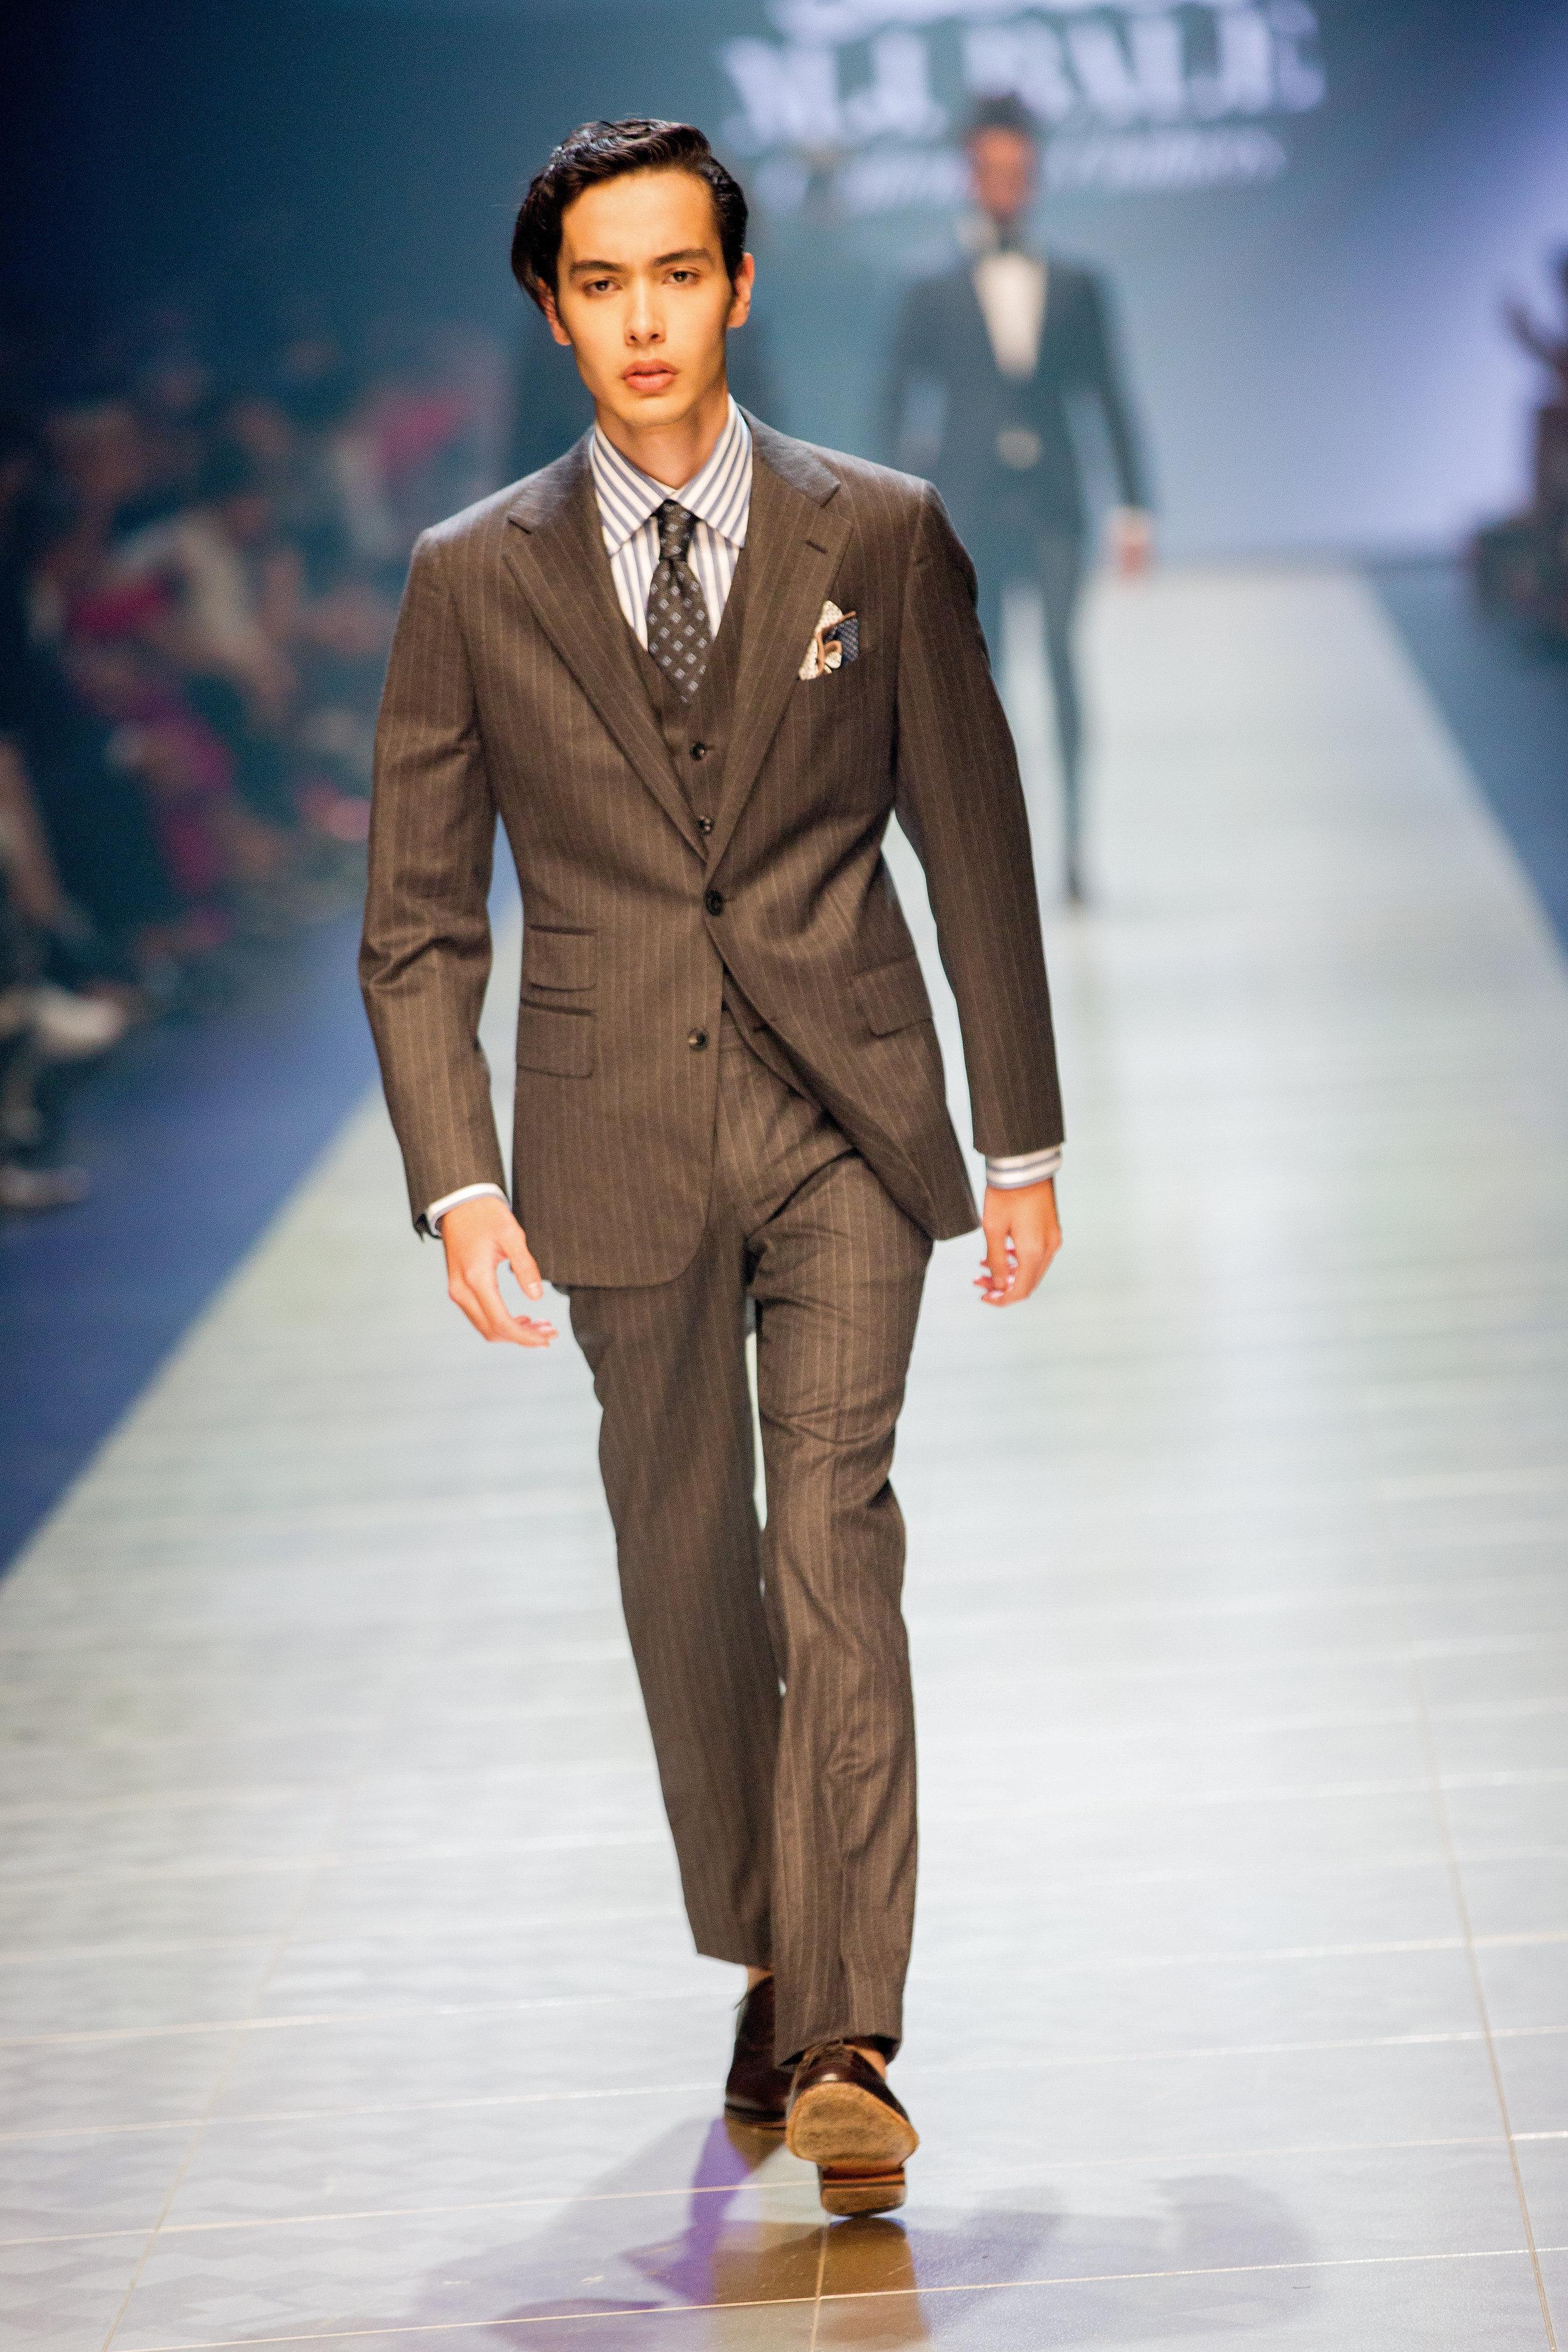 VAMFF2019_GQ Menswear-349.jpg